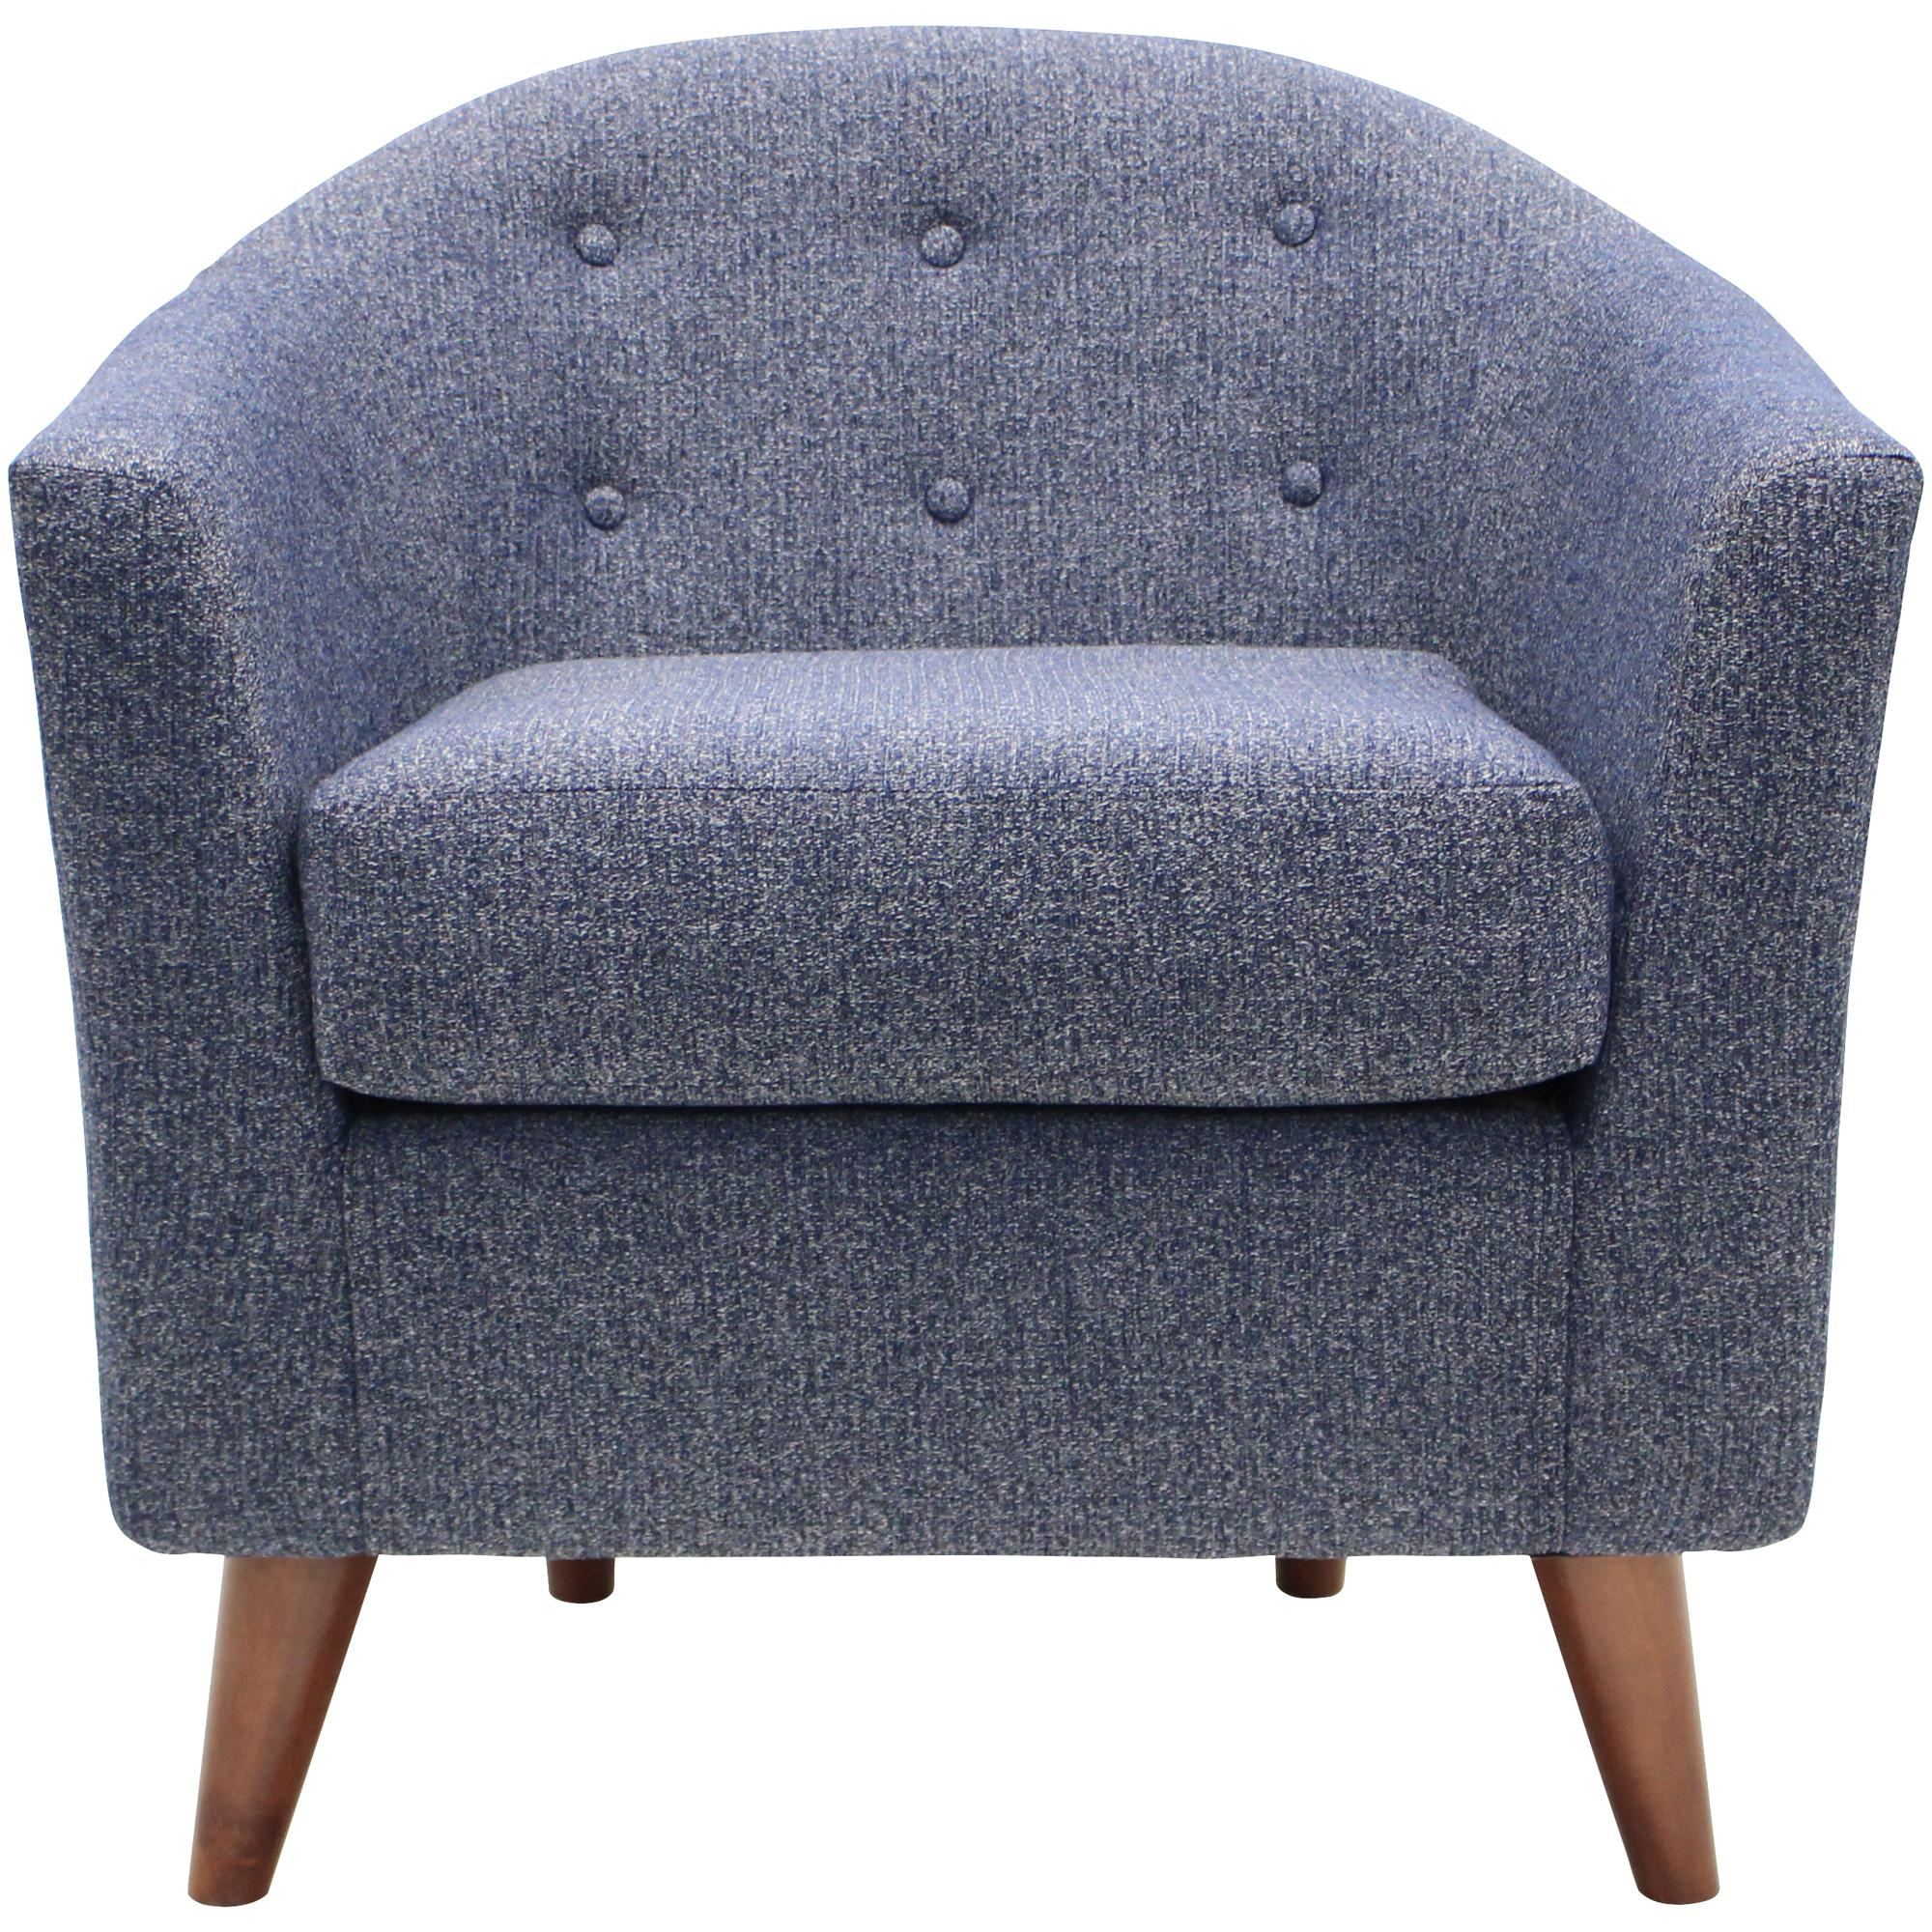 Overman | Marissa Twilight Accent Chair